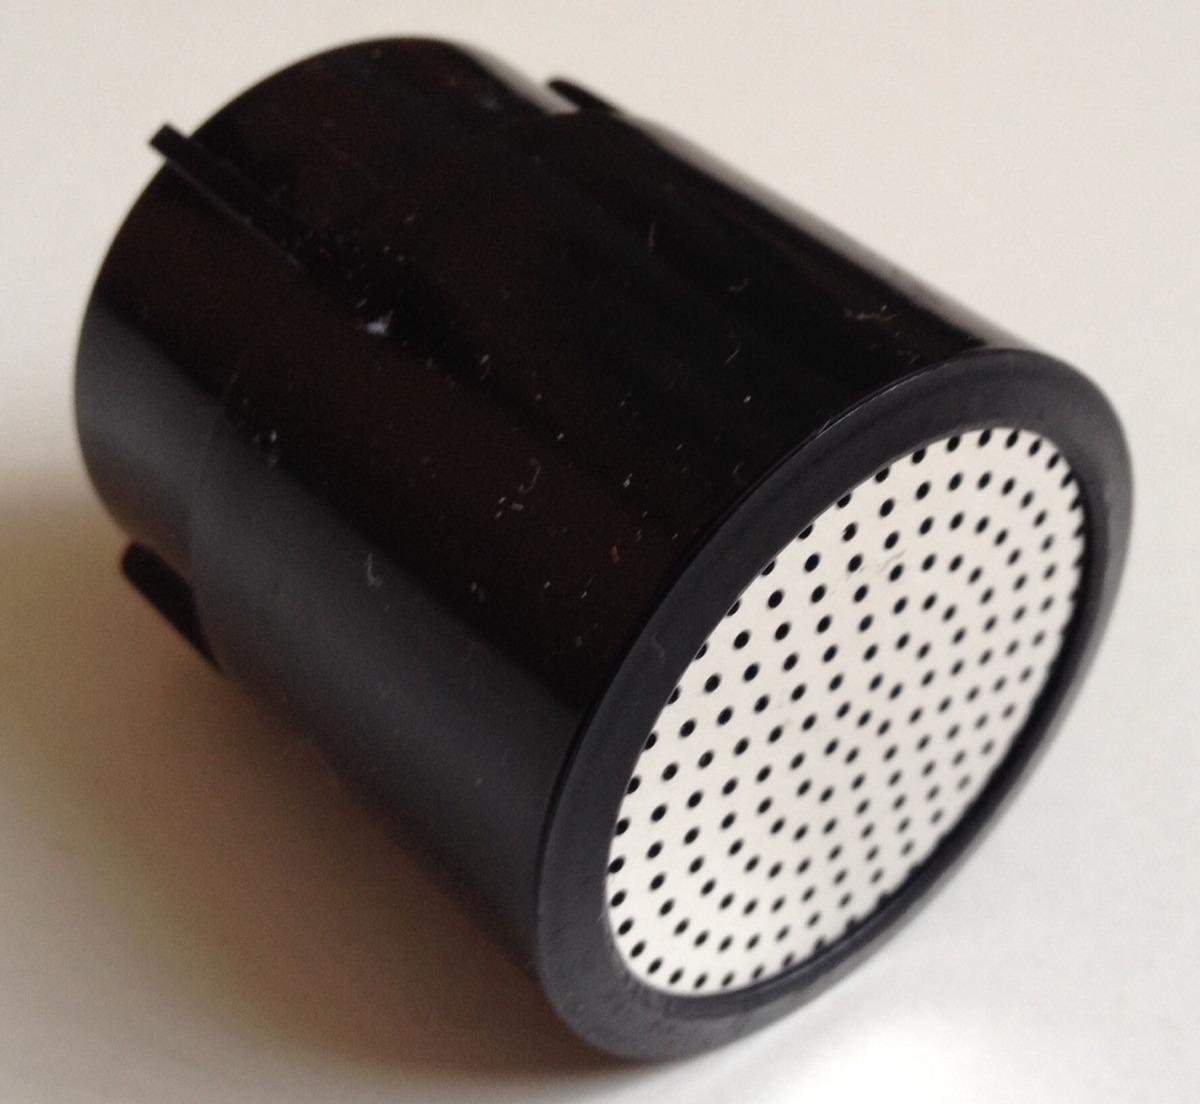 Regadera marca dramm 170 orificios en mercadolibre for Marcas de regaderas